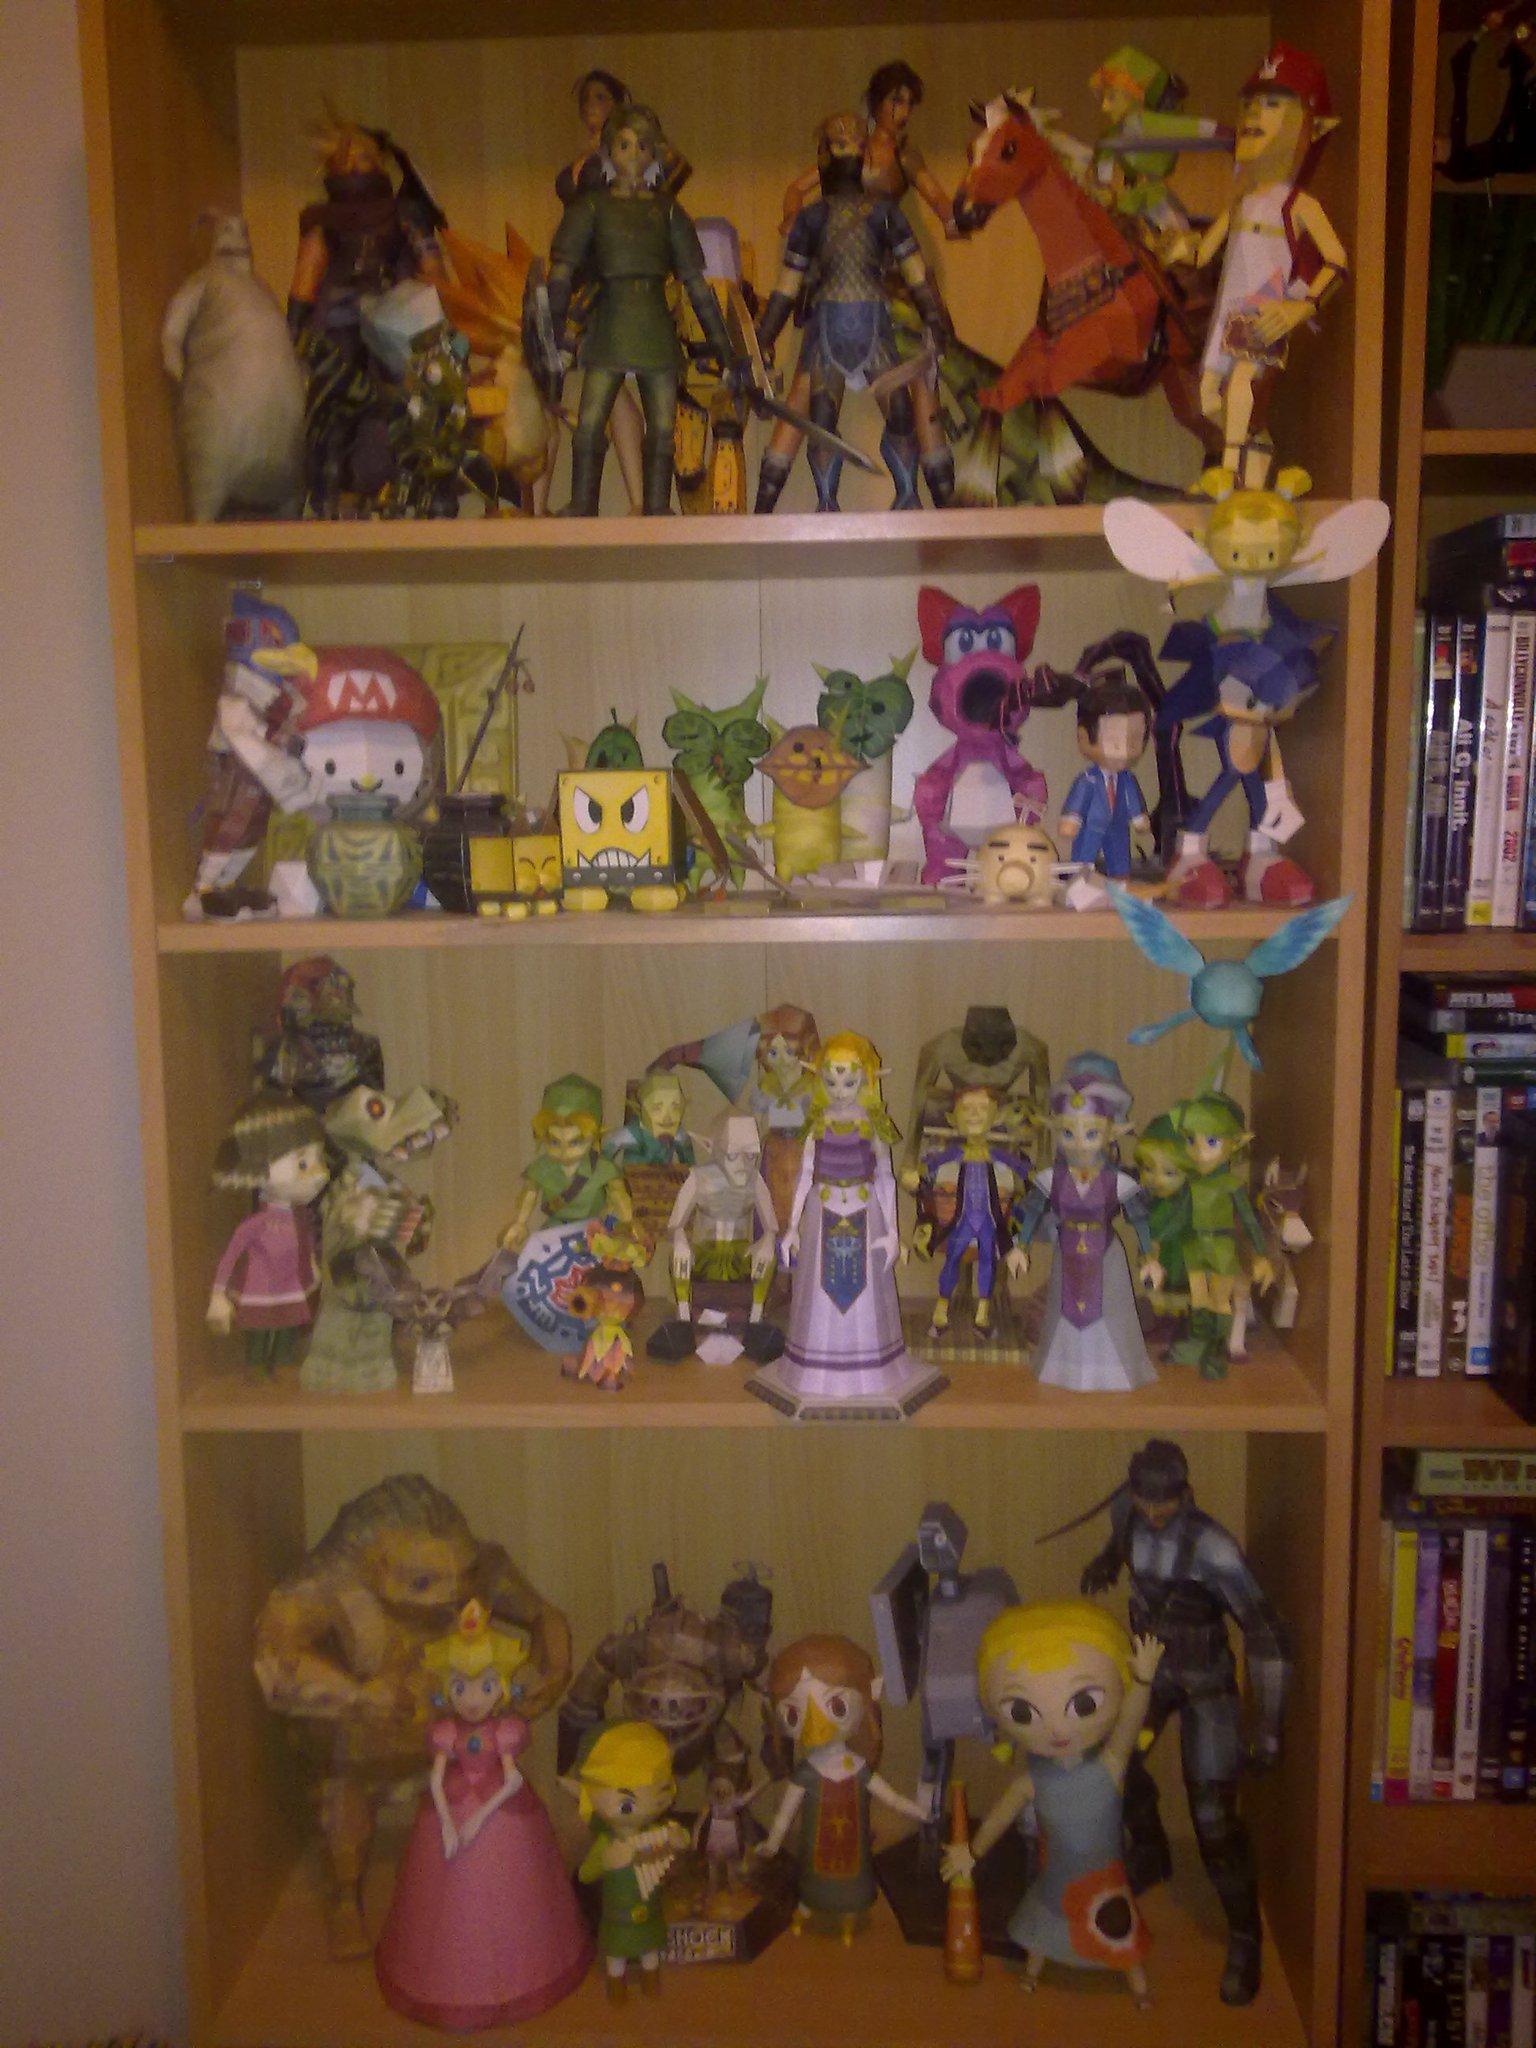 My Shelf of Papercrafts by bratchny